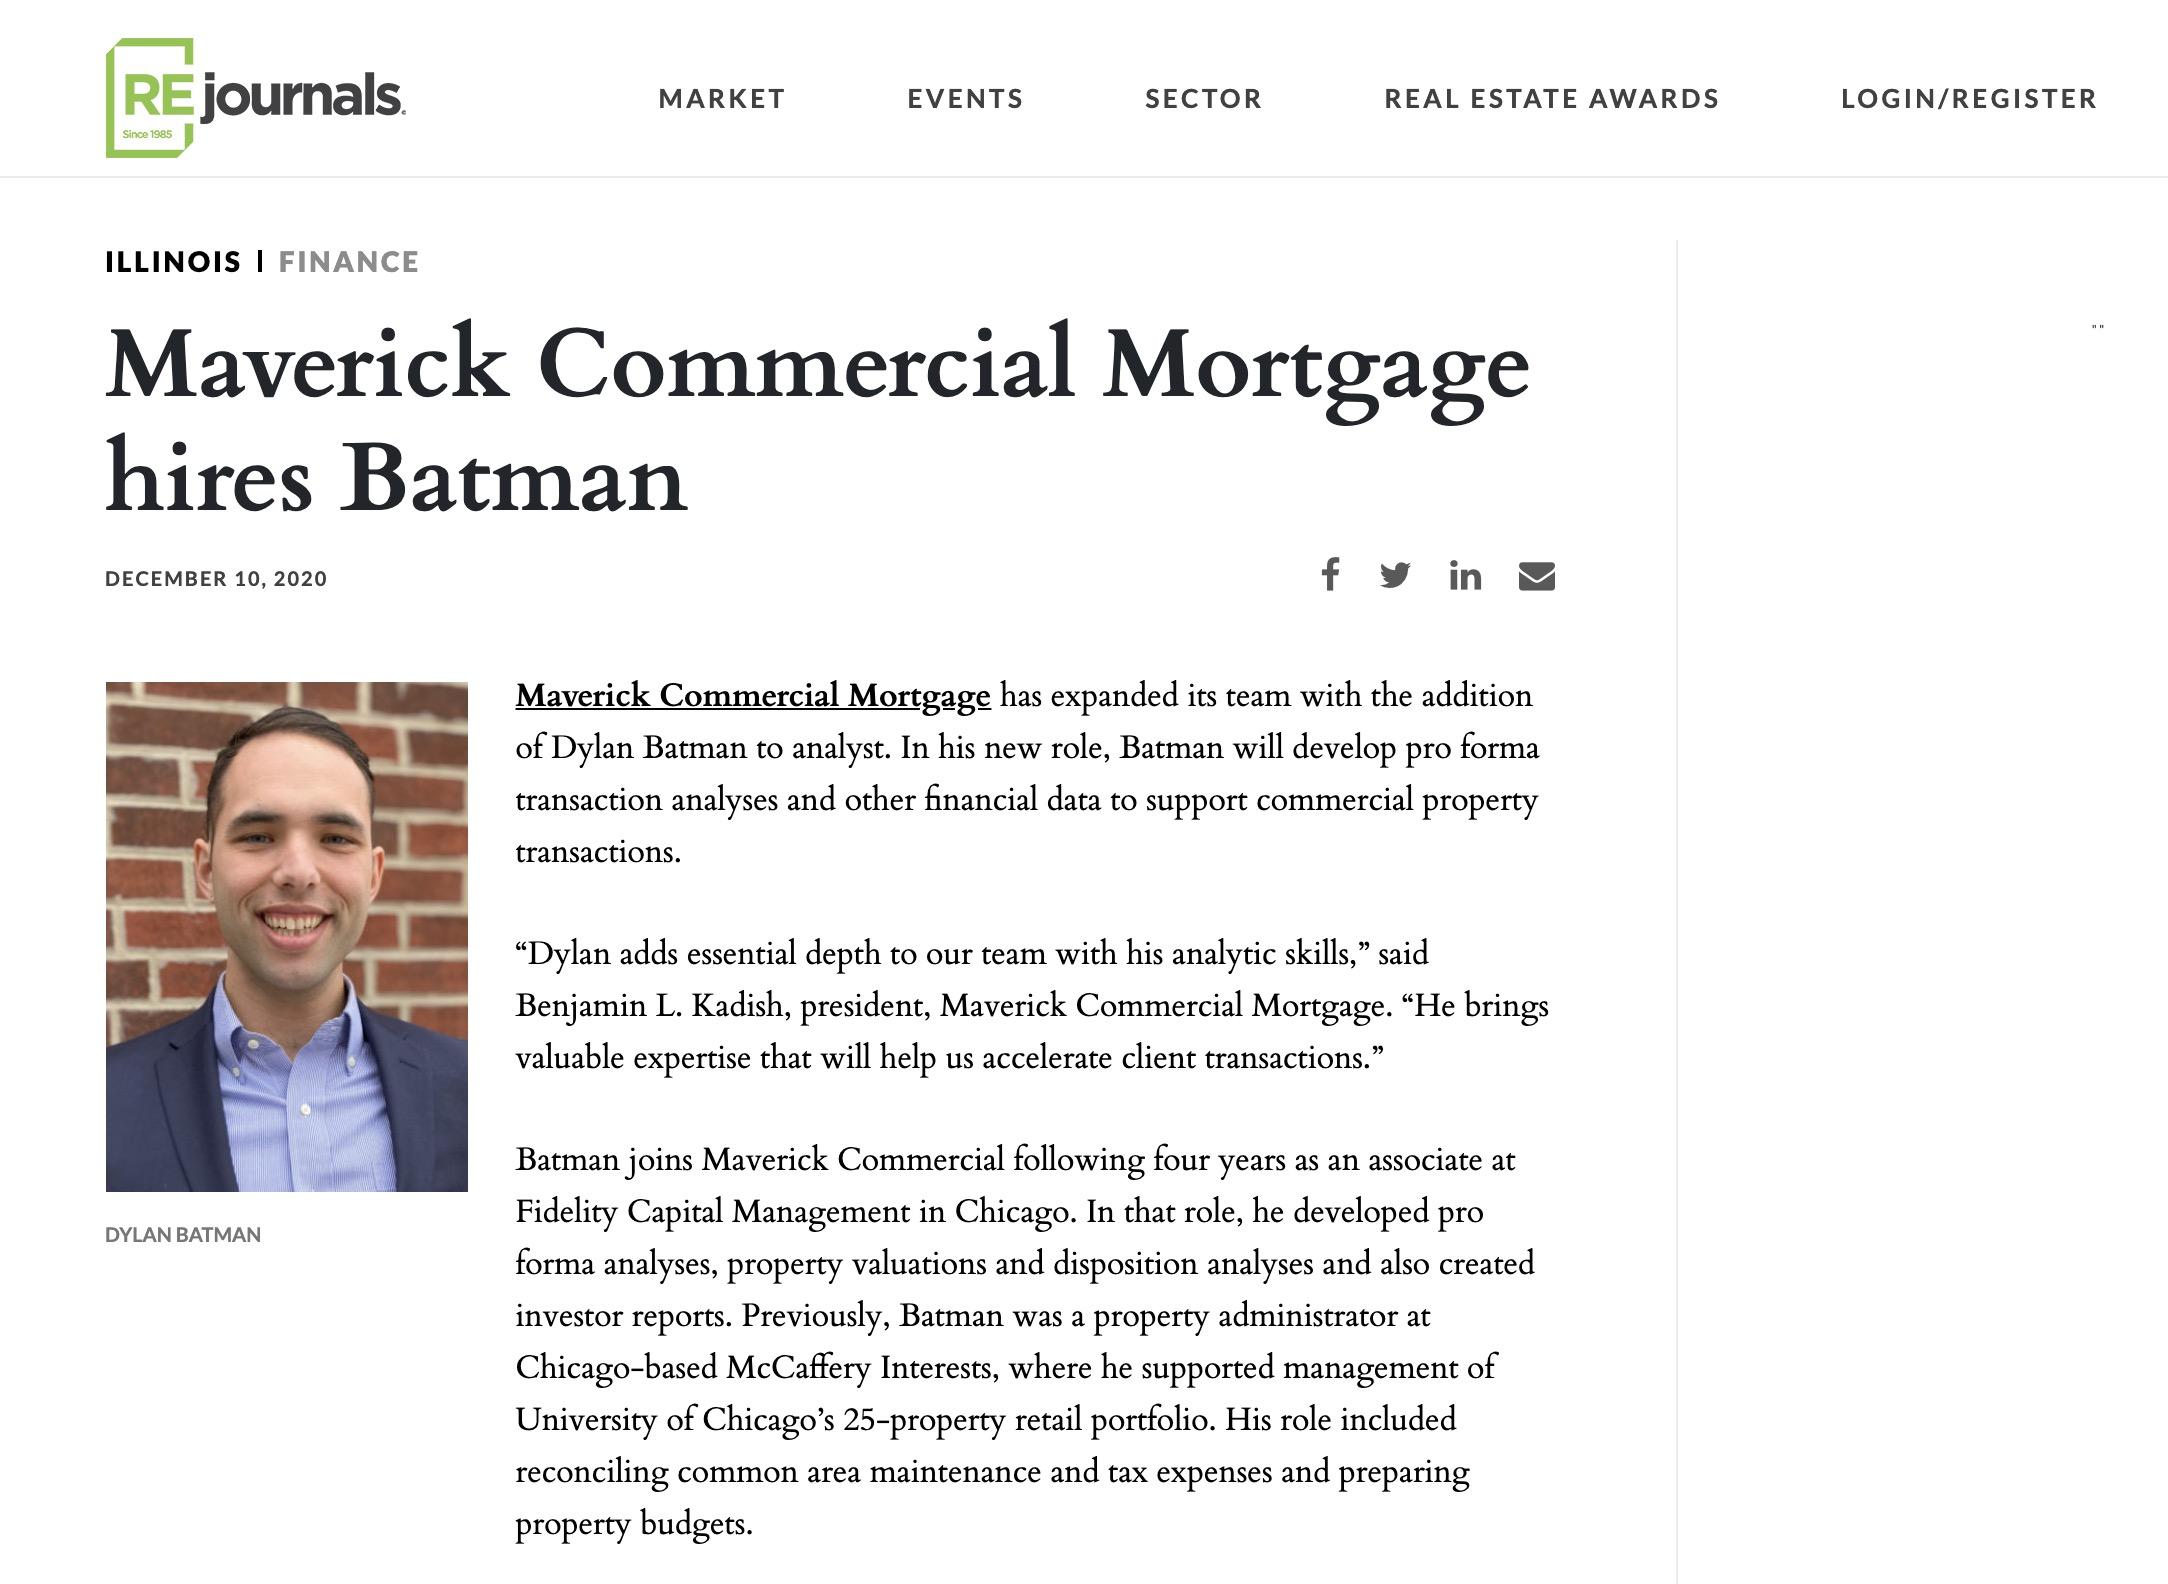 Maverick Hires Batman